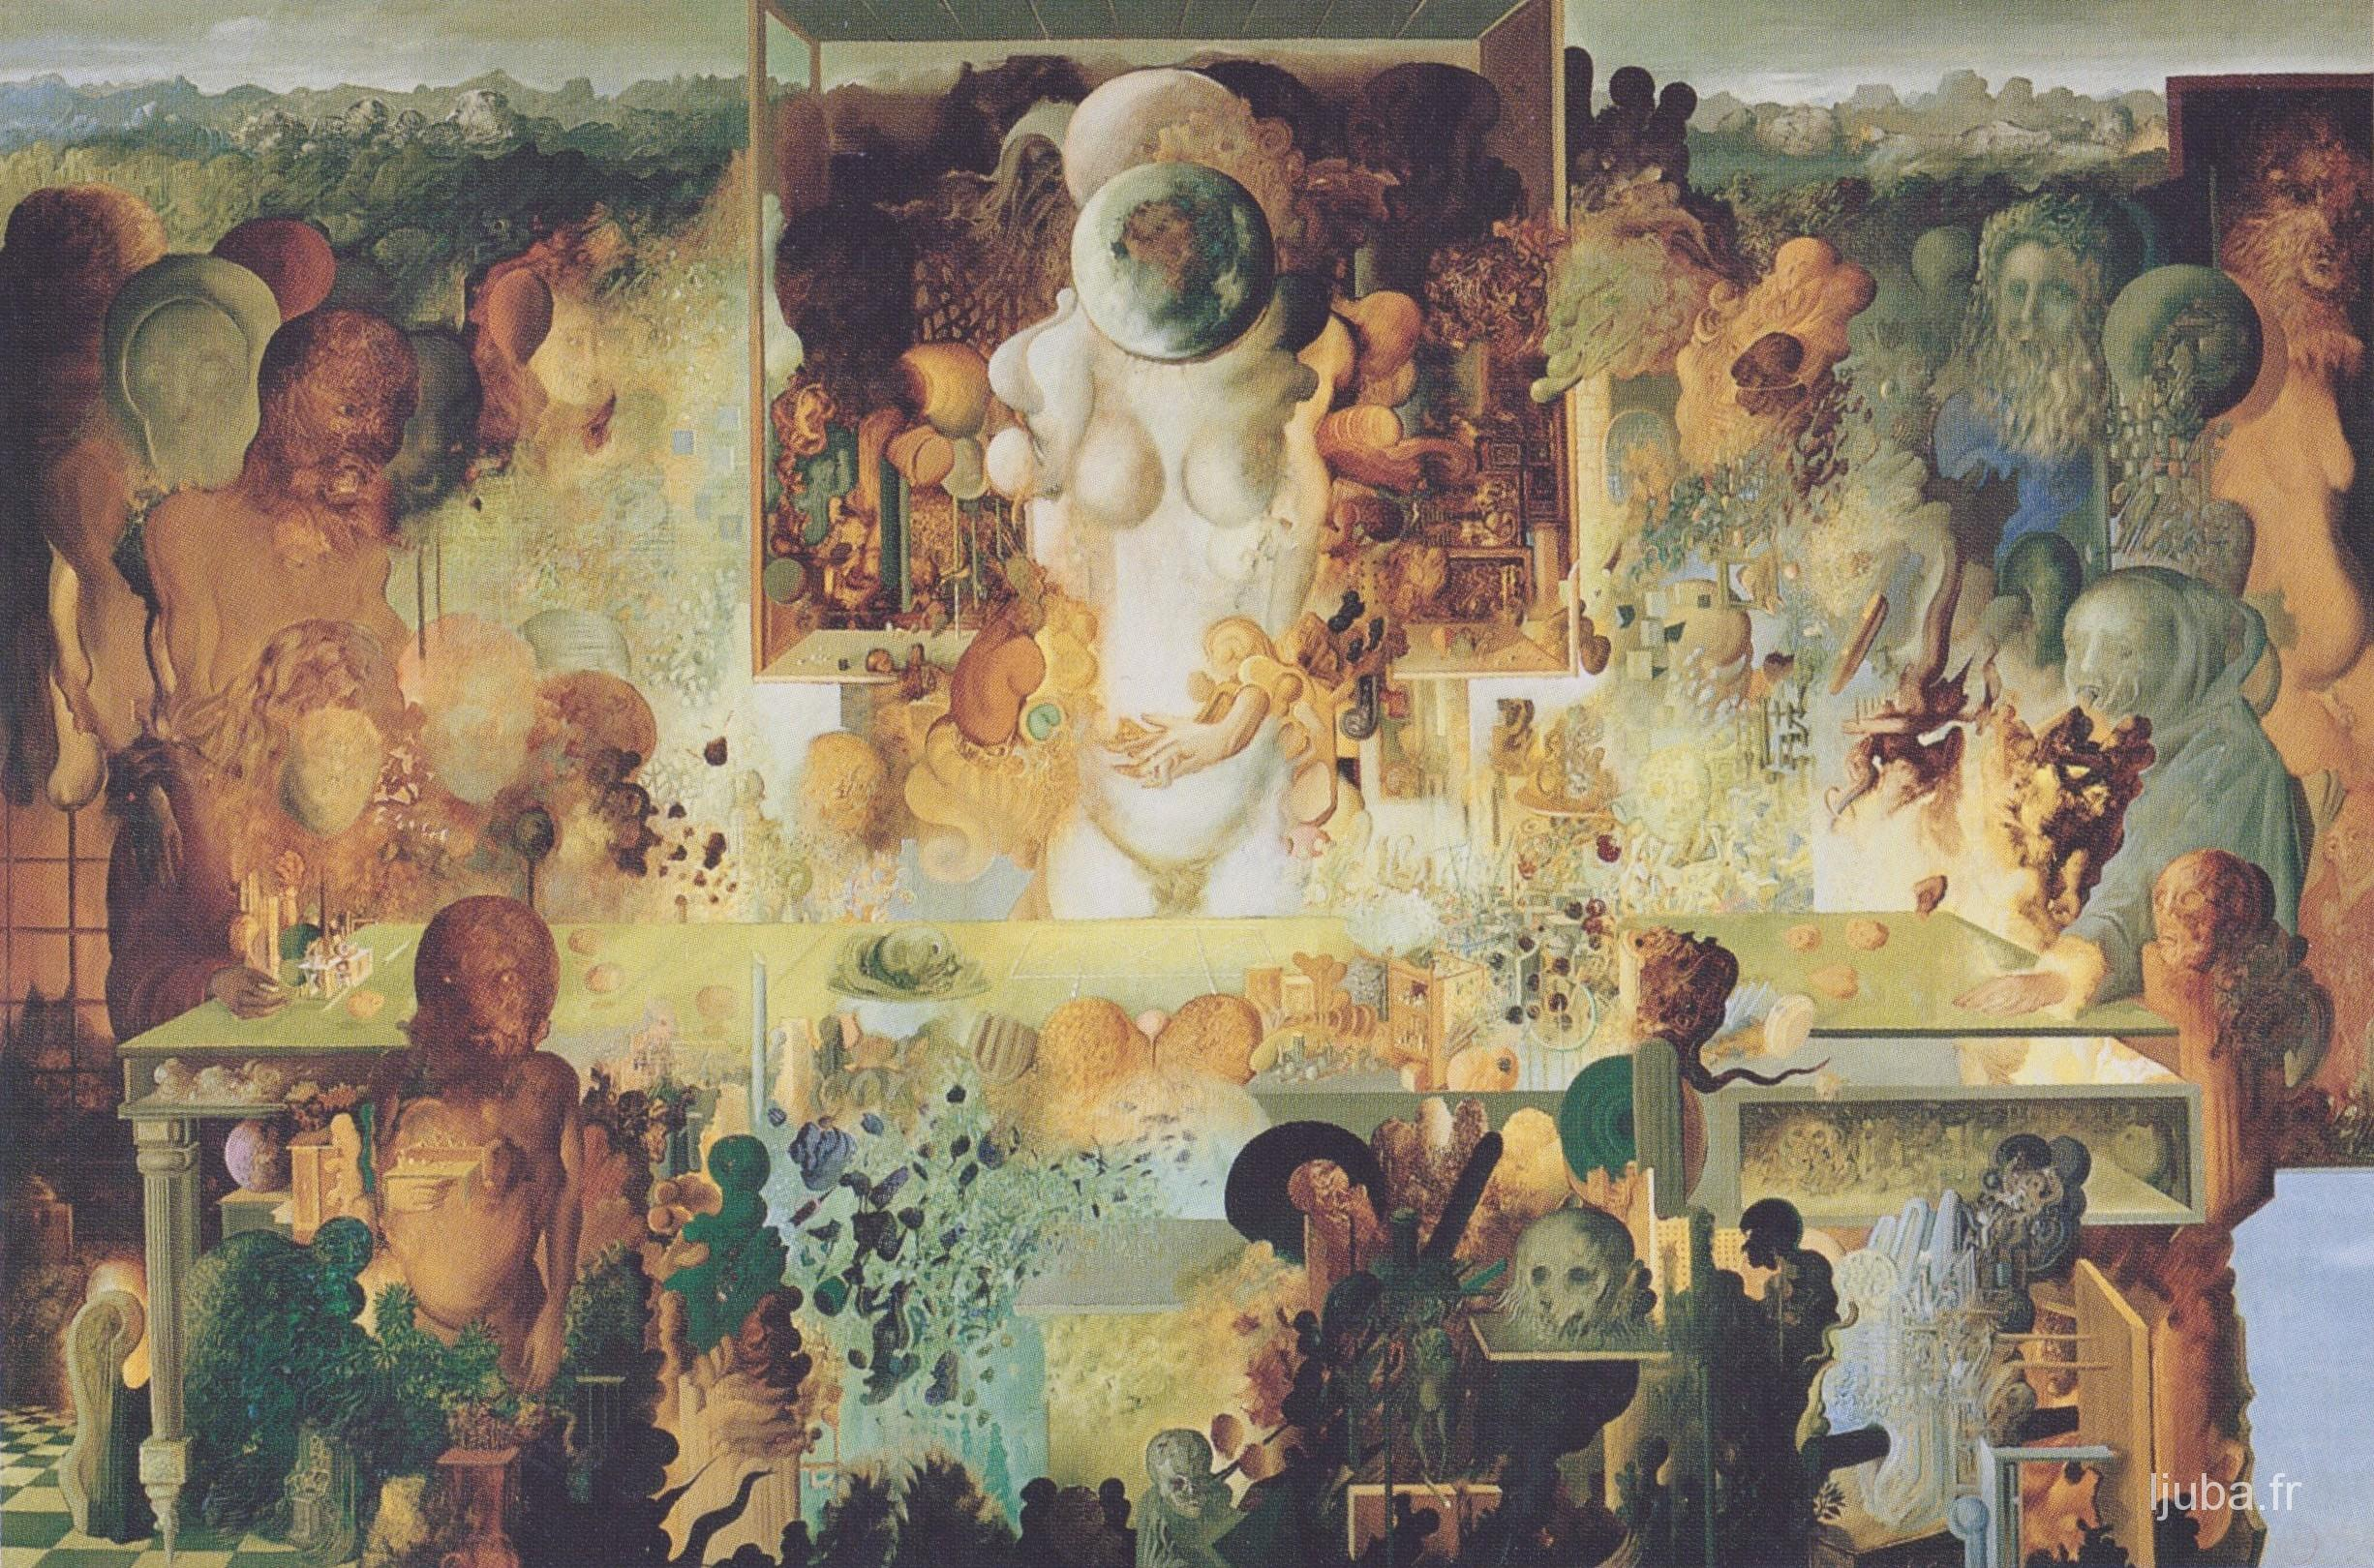 Ljuba Popovic - La divination ou Hommage à Arthur Clarke et Stanley Kubrick, 1969-68